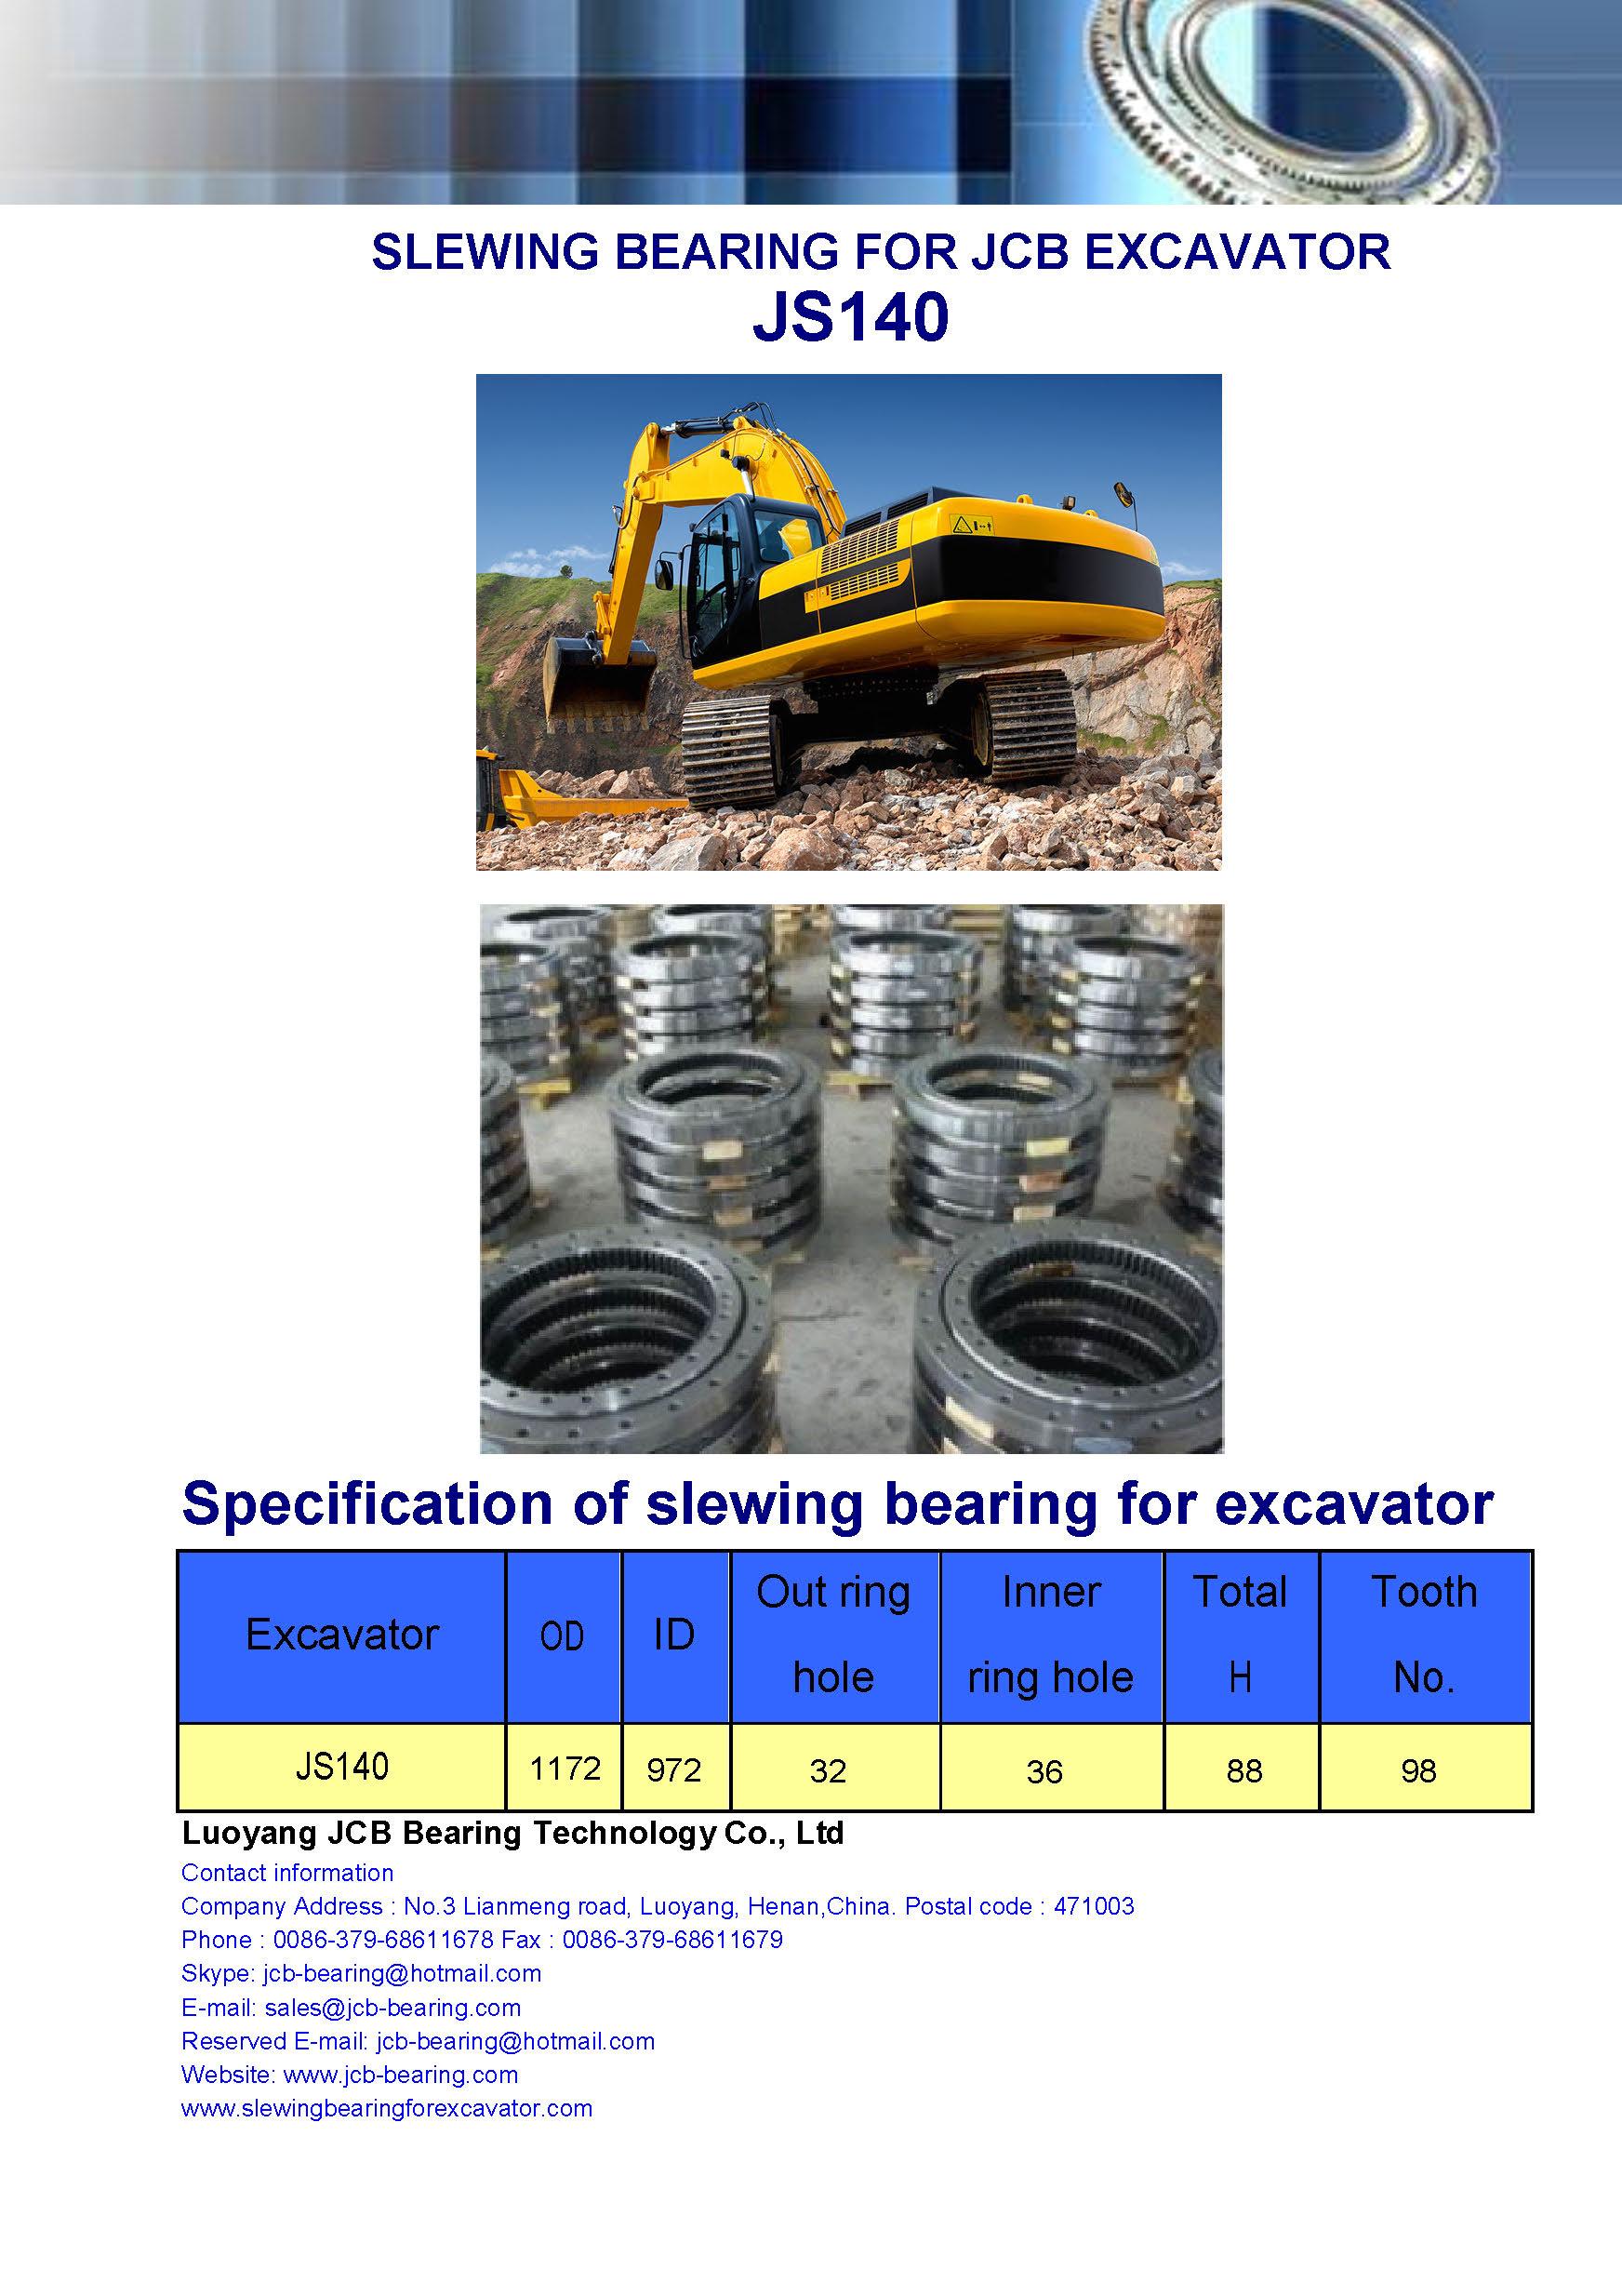 slewing bearing for jcb excavator JS 140 (swing bearing)